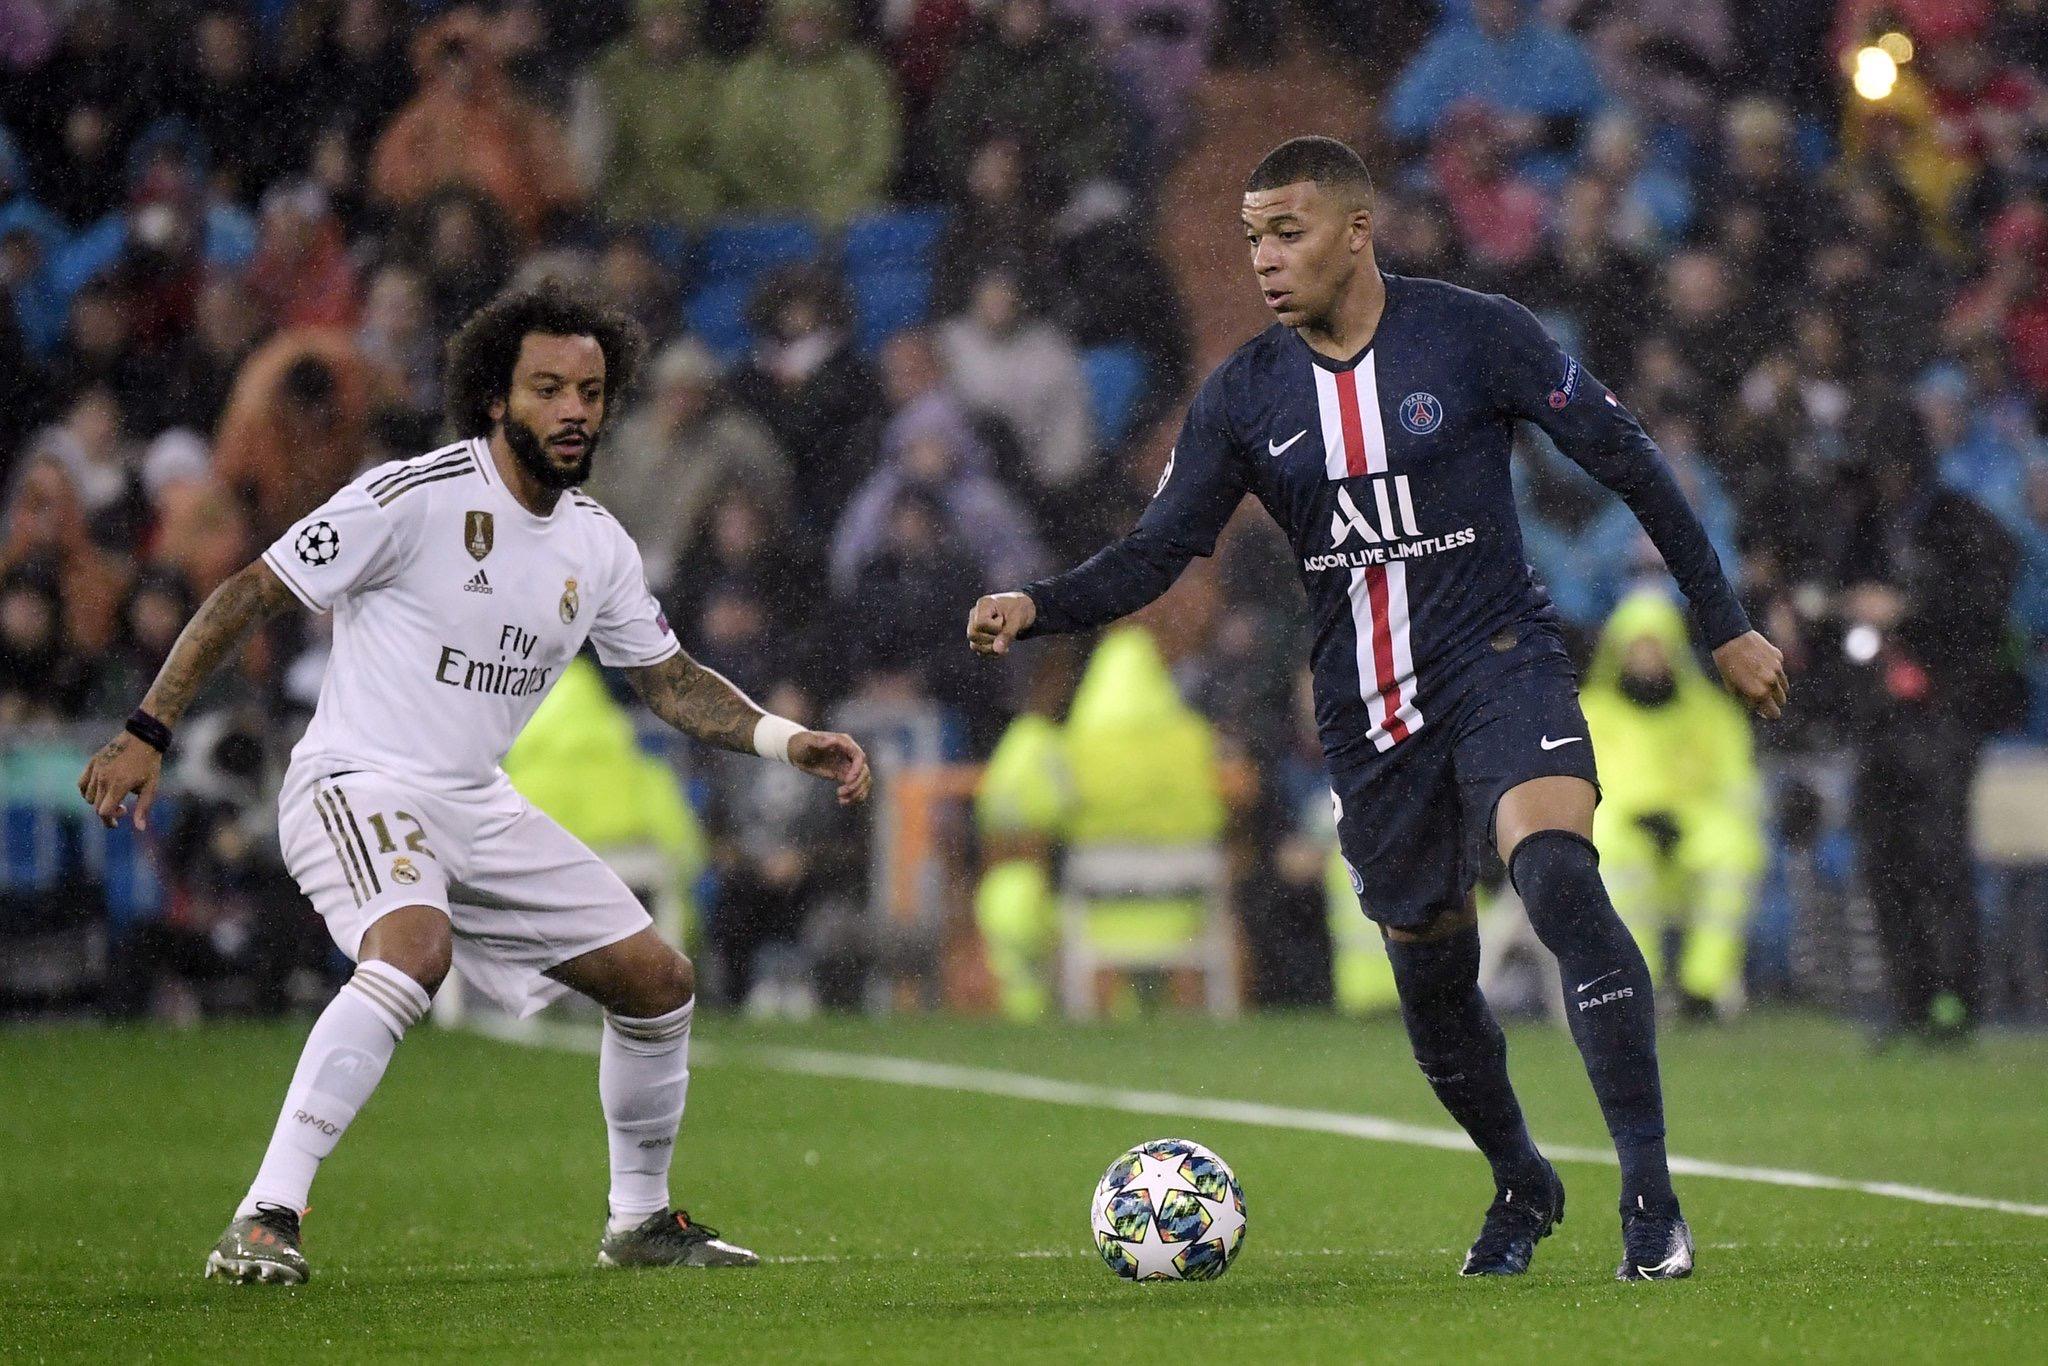 #LigueDesChampions - Mené 2 à 0 à Madrid, le PSG réussi à rattraper le Réal